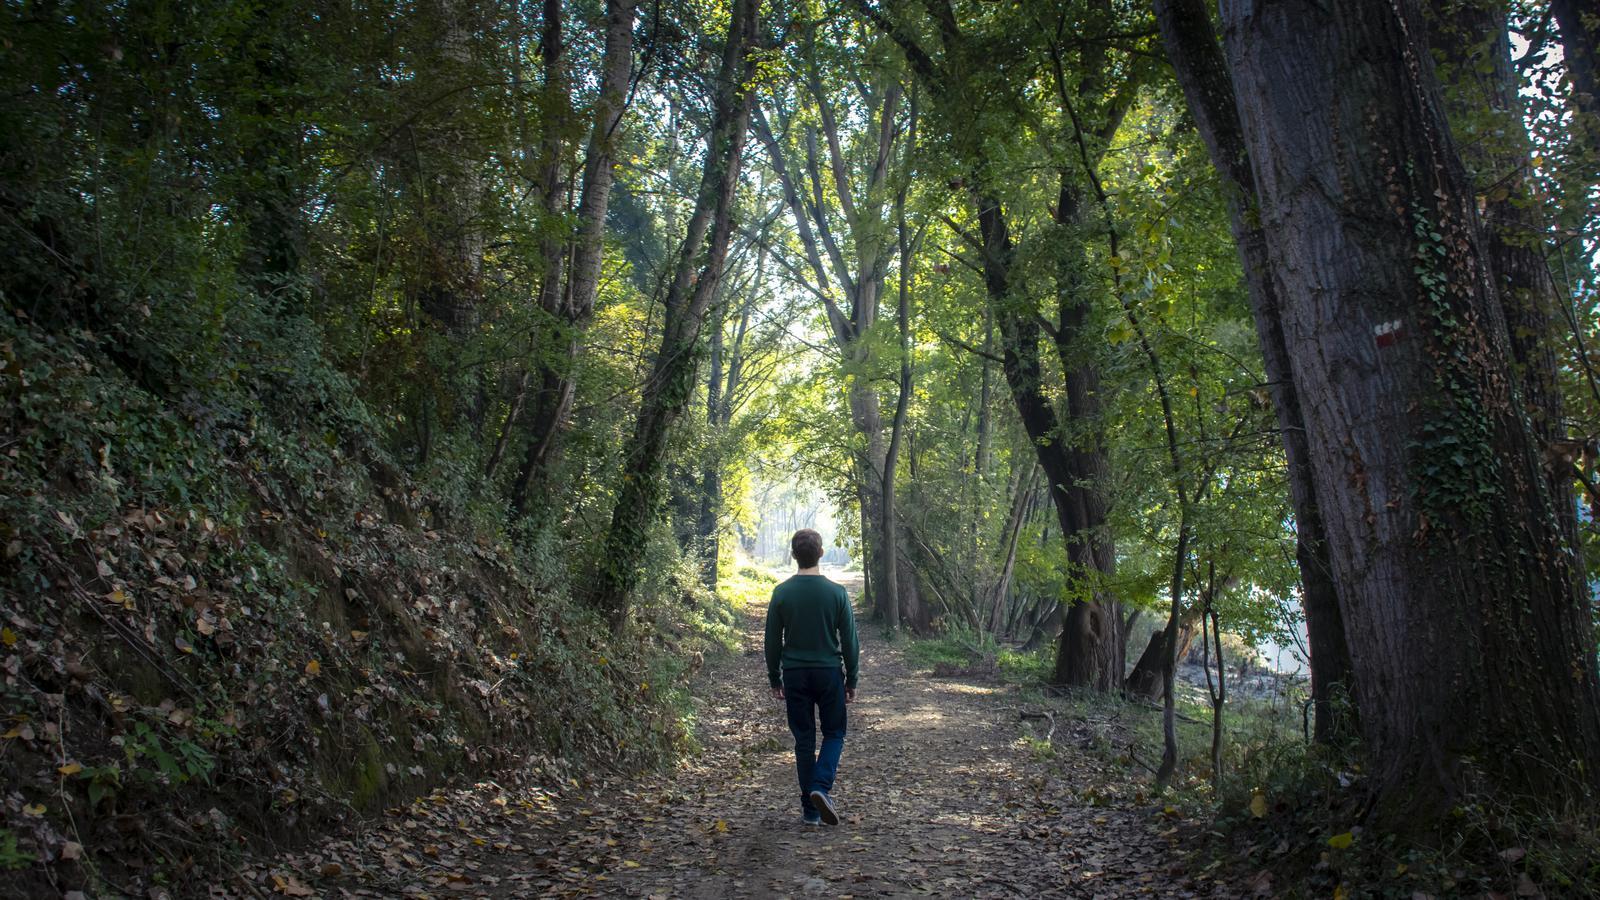 Un home caminant pel bosc en solitari